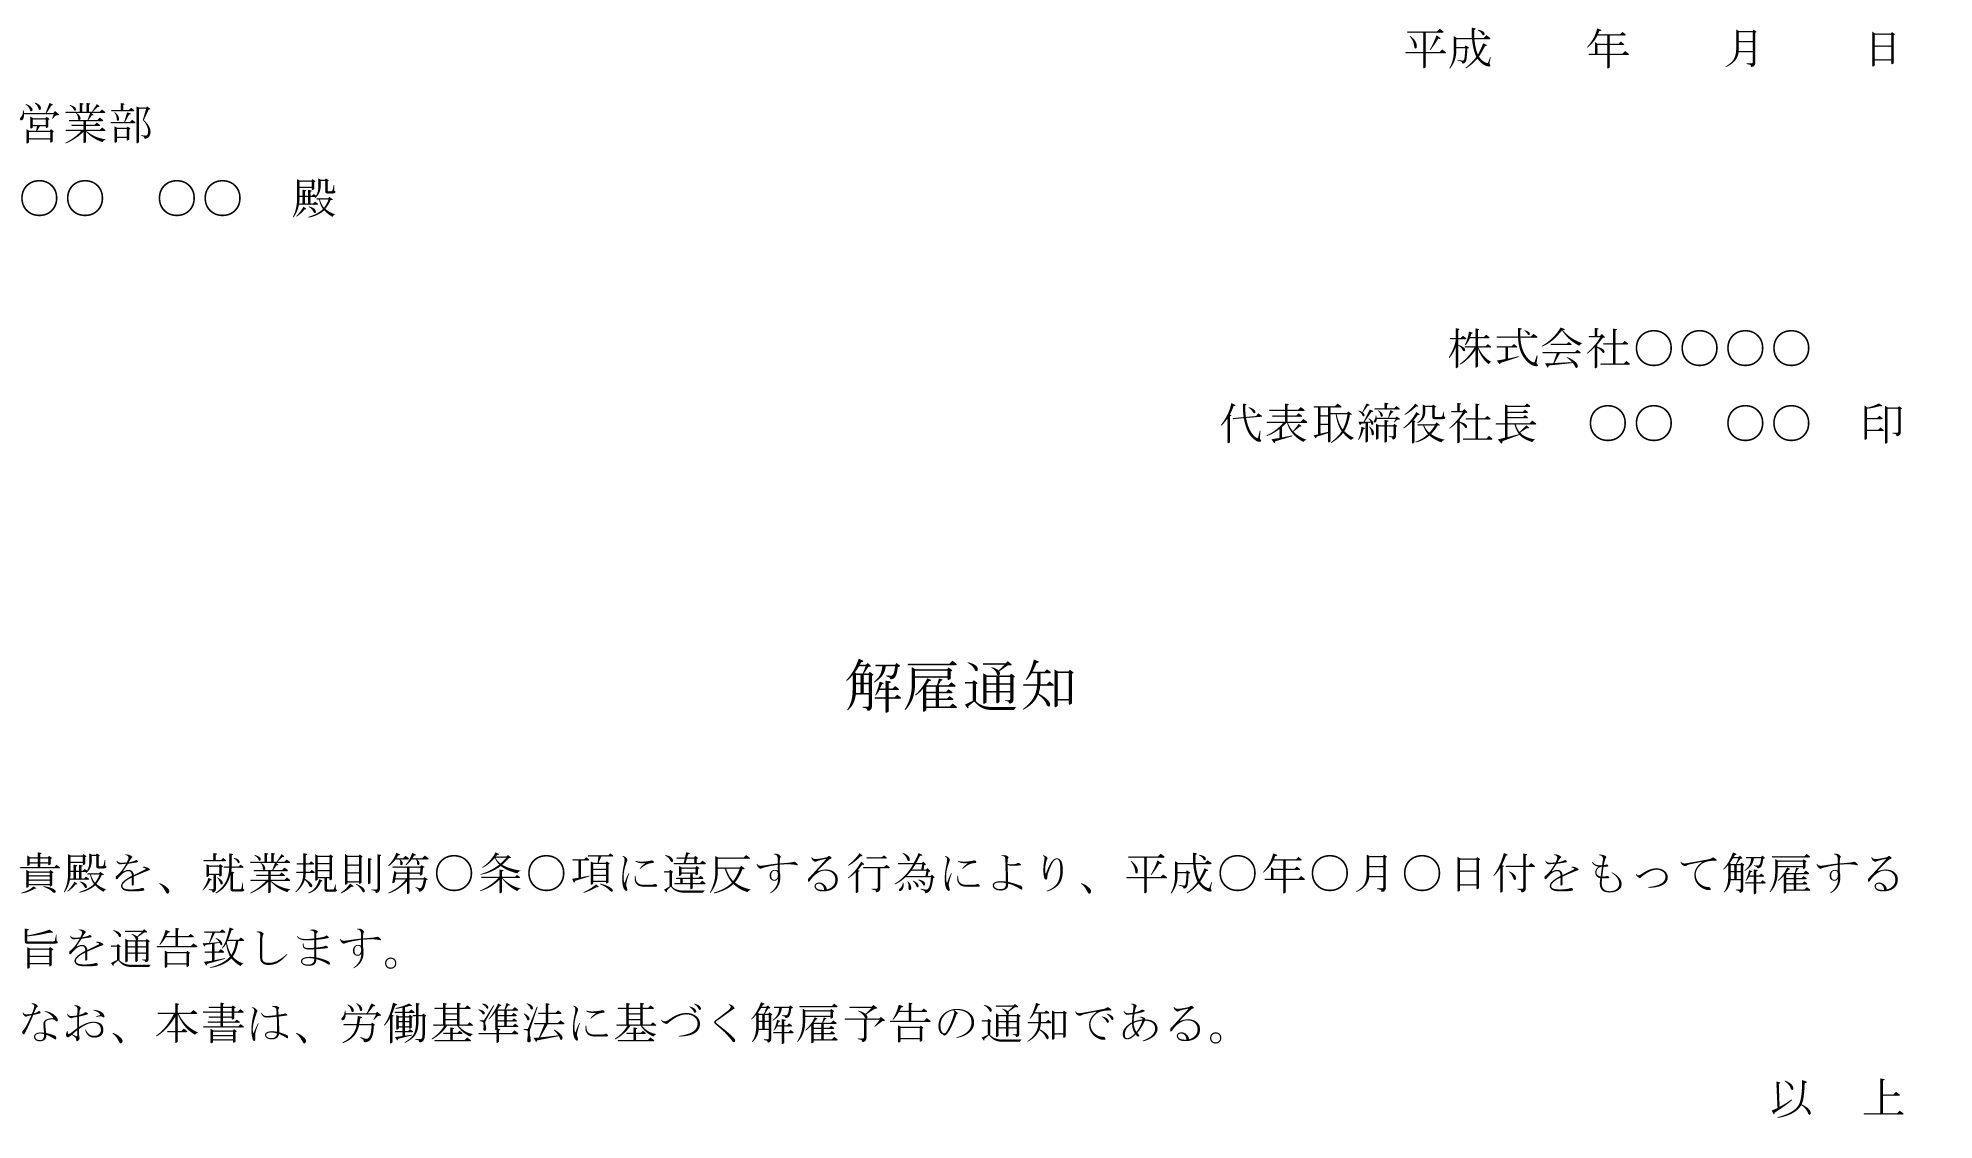 解雇通知02